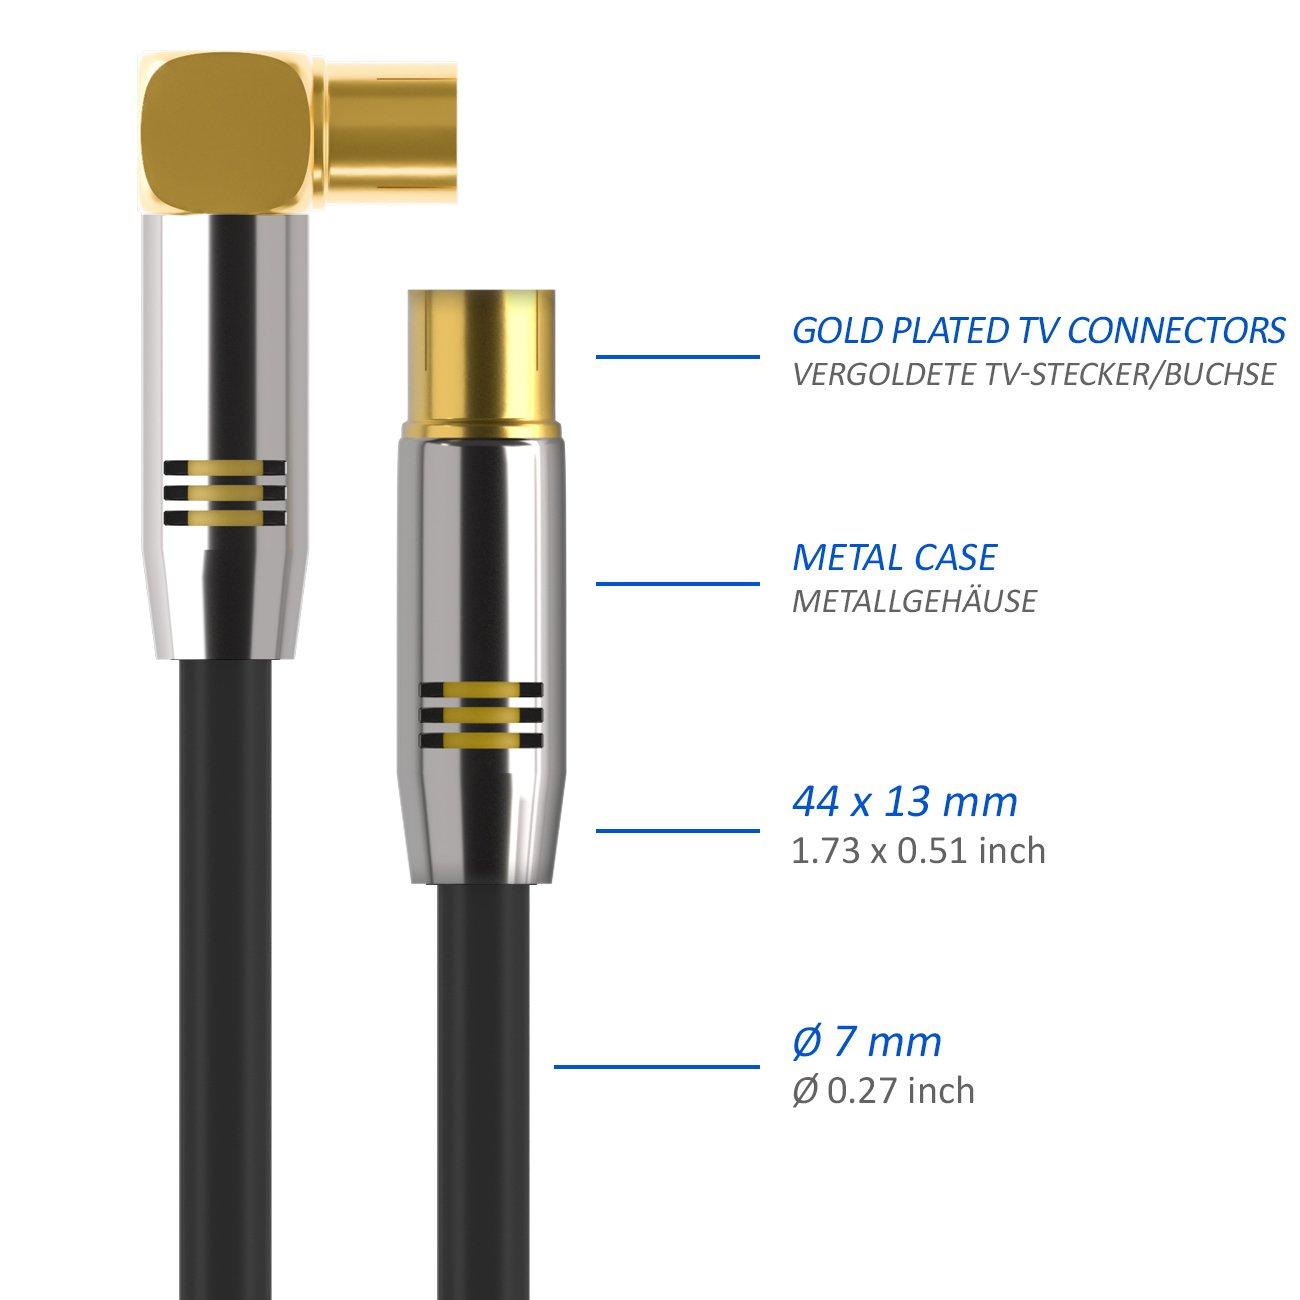 1x angolato//1x diritta cavo coassiale deleyCON TV Cavo antenna 1m Nero 100dB 4K UltraHD FullHD HDTV Spina di metallo Innesto antenna